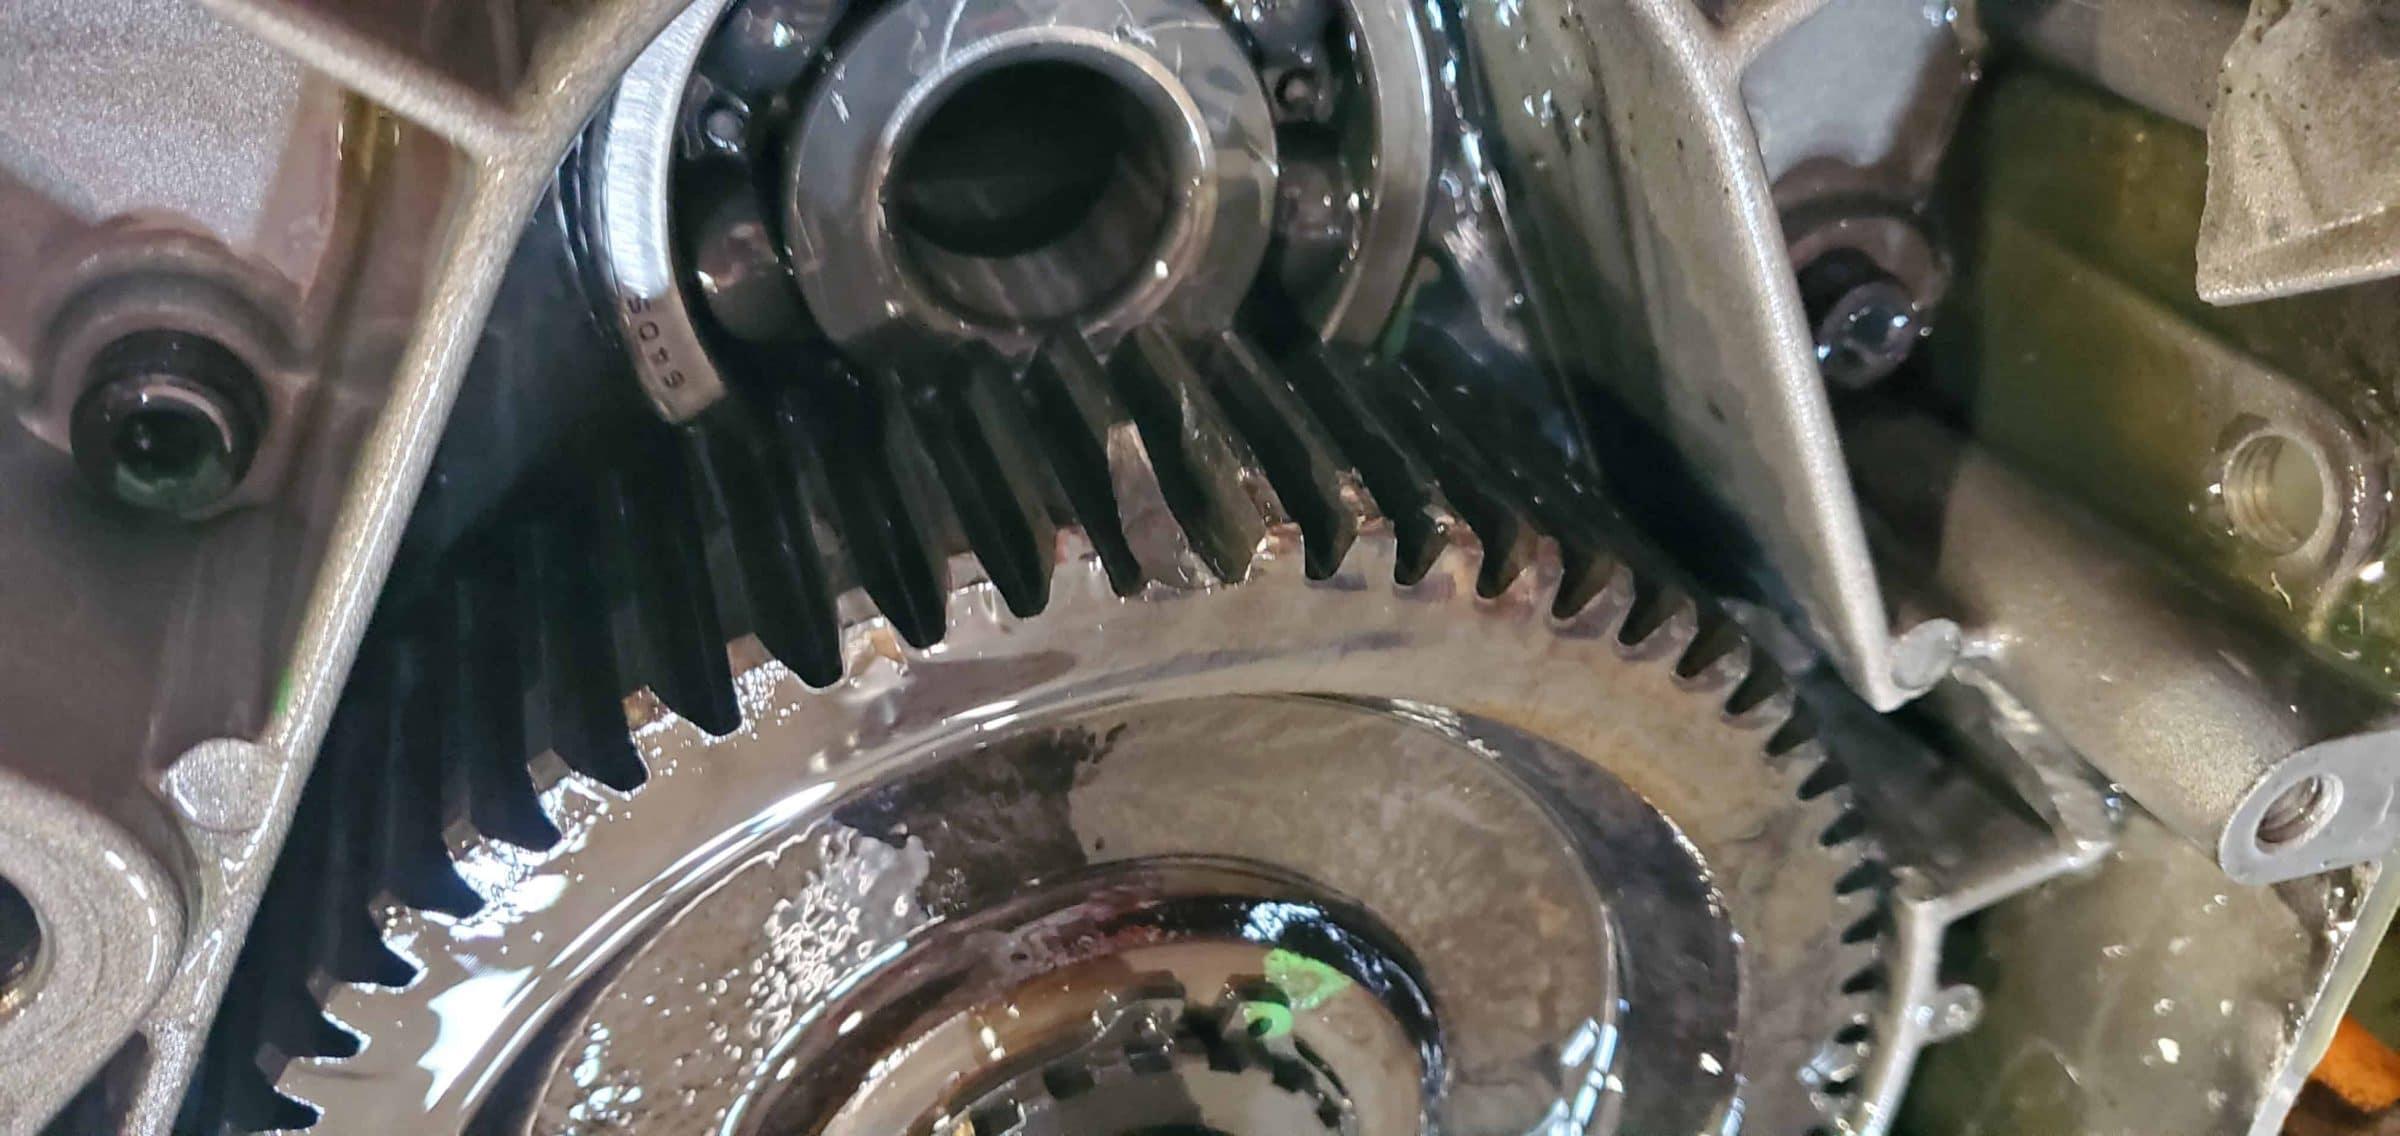 Damaged Gear